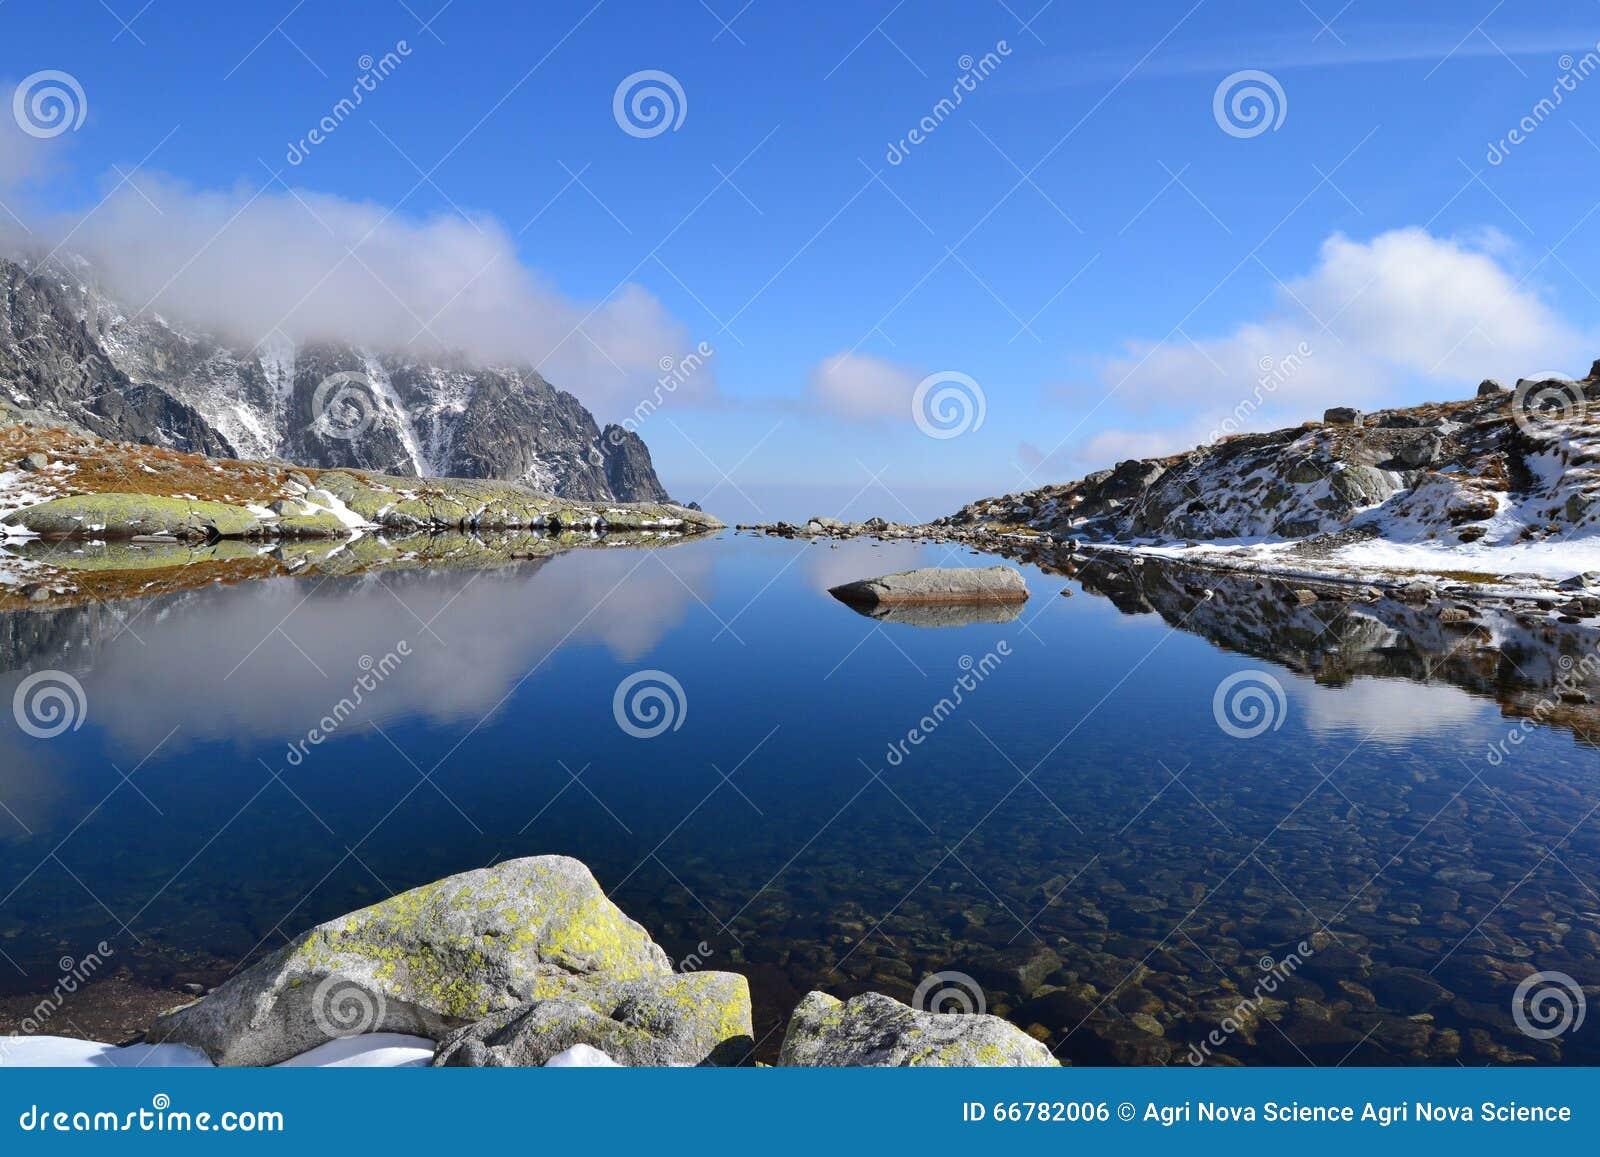 Le bois de parc de vert de ciel bleu de nature de montagne opacifie le réflexe de lac gentil